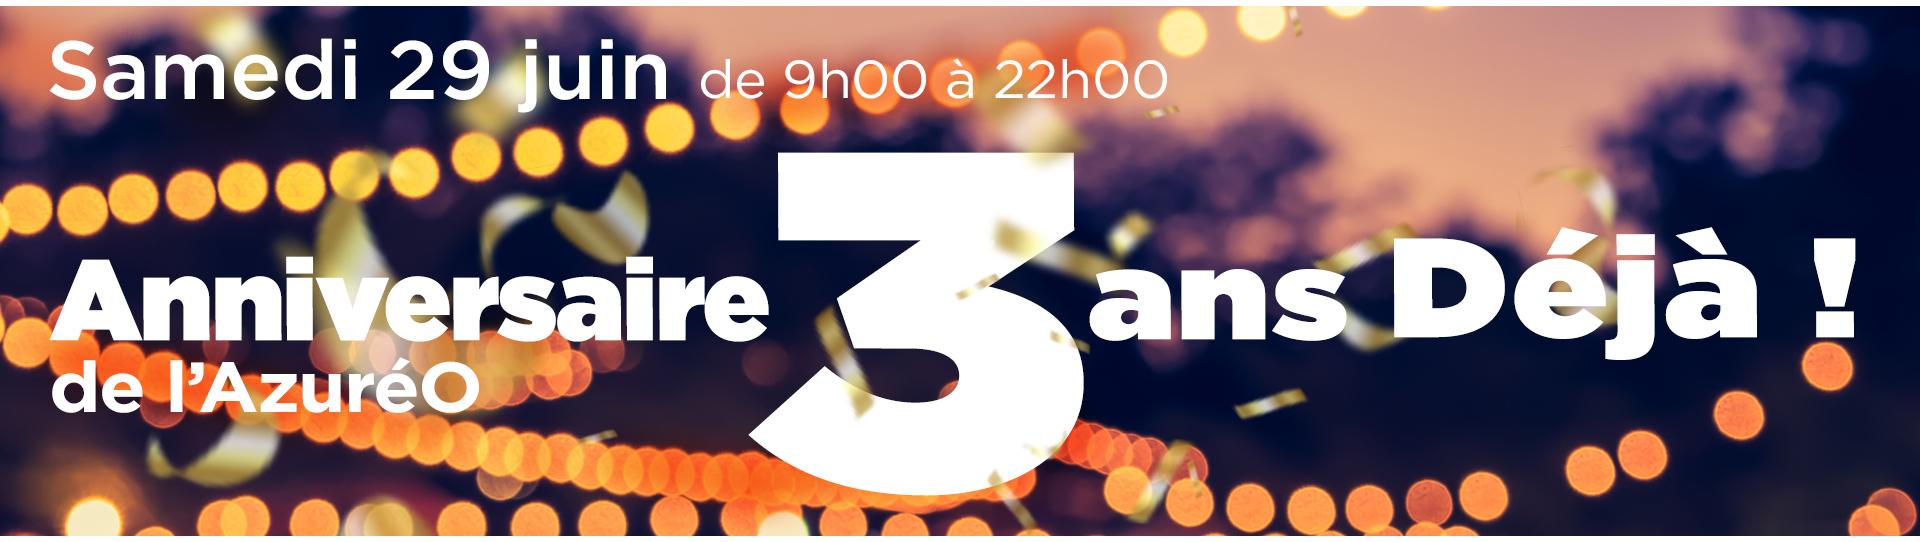 3 ans déjà - l'anniversaire de l'Azuréo !